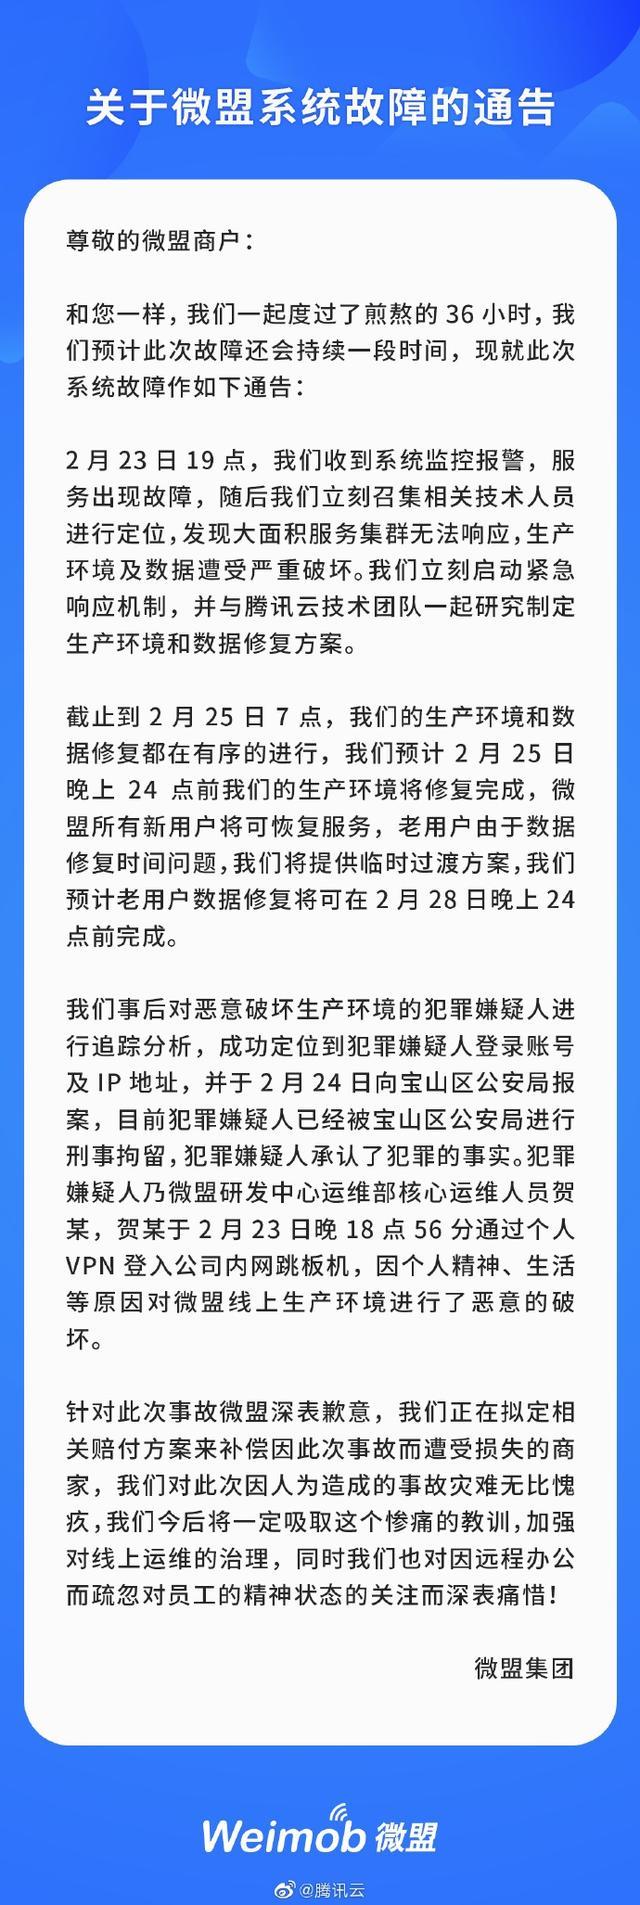 """腾讯云回应微盟""""删库跑路""""事故:正研究制定修复方案-第1张图片-IT新视野"""